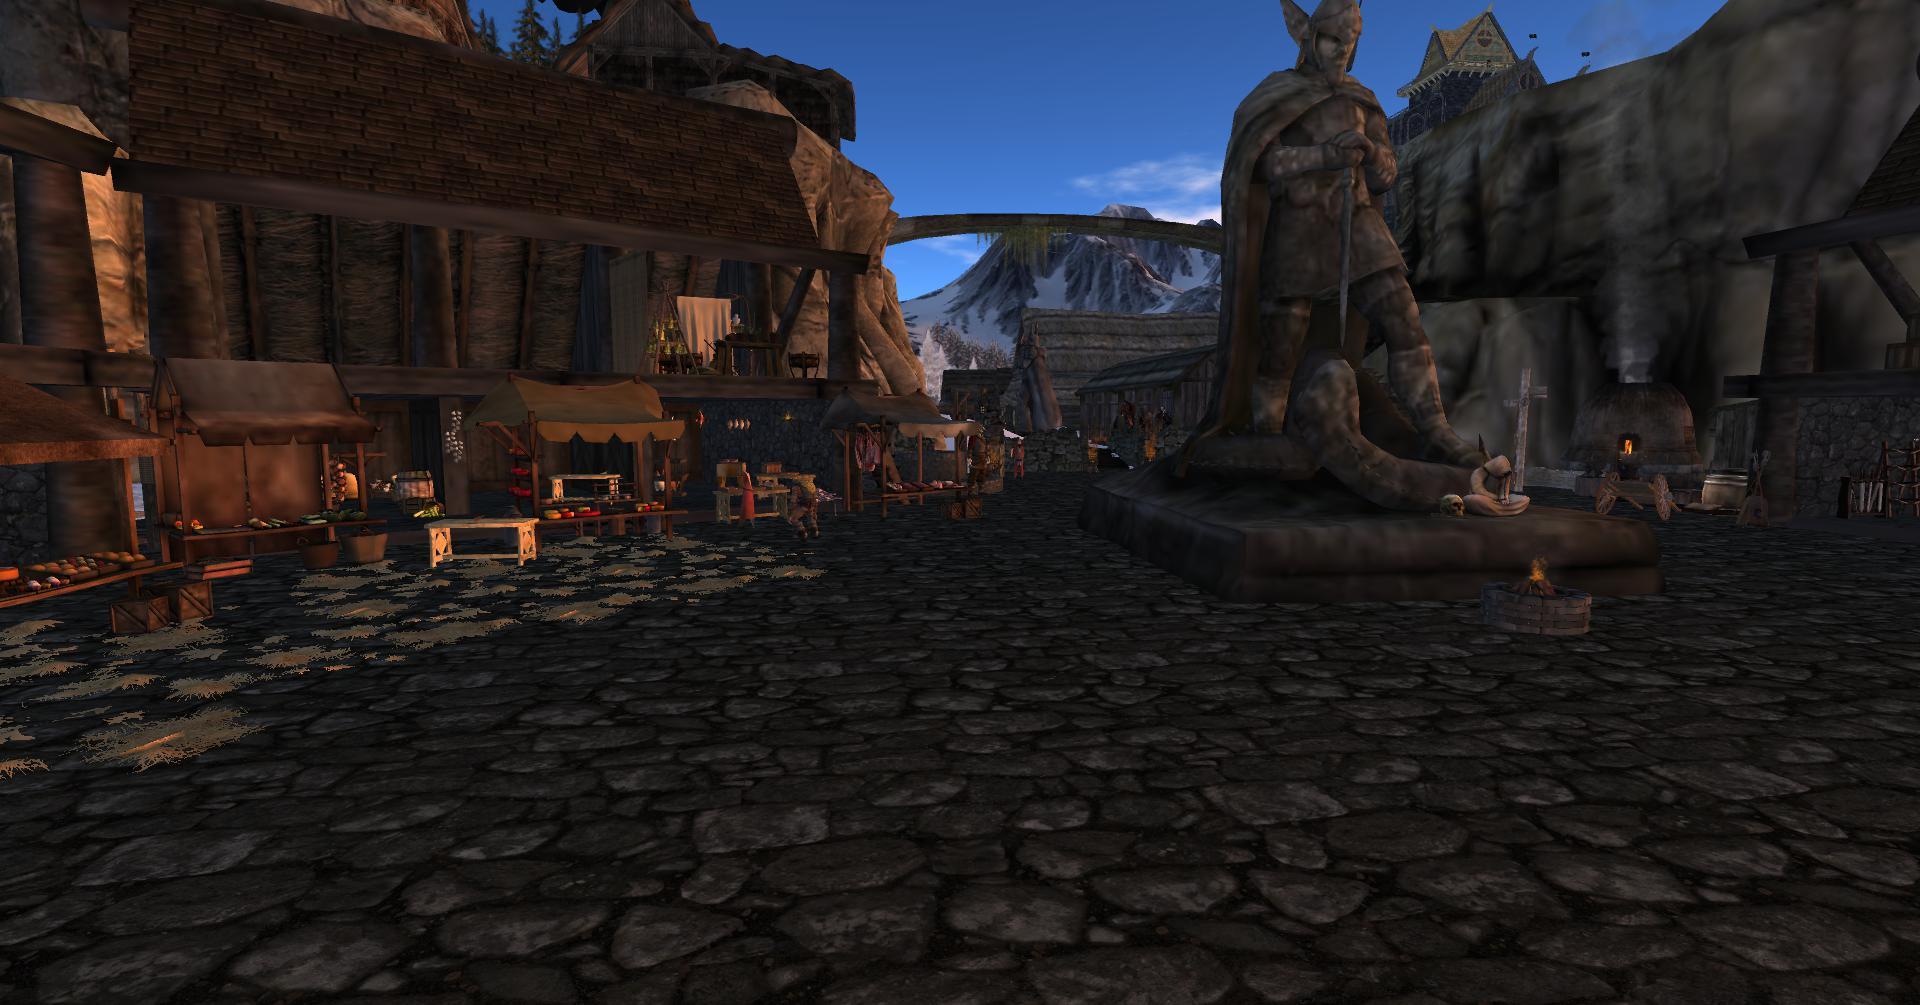 Marketplace_003